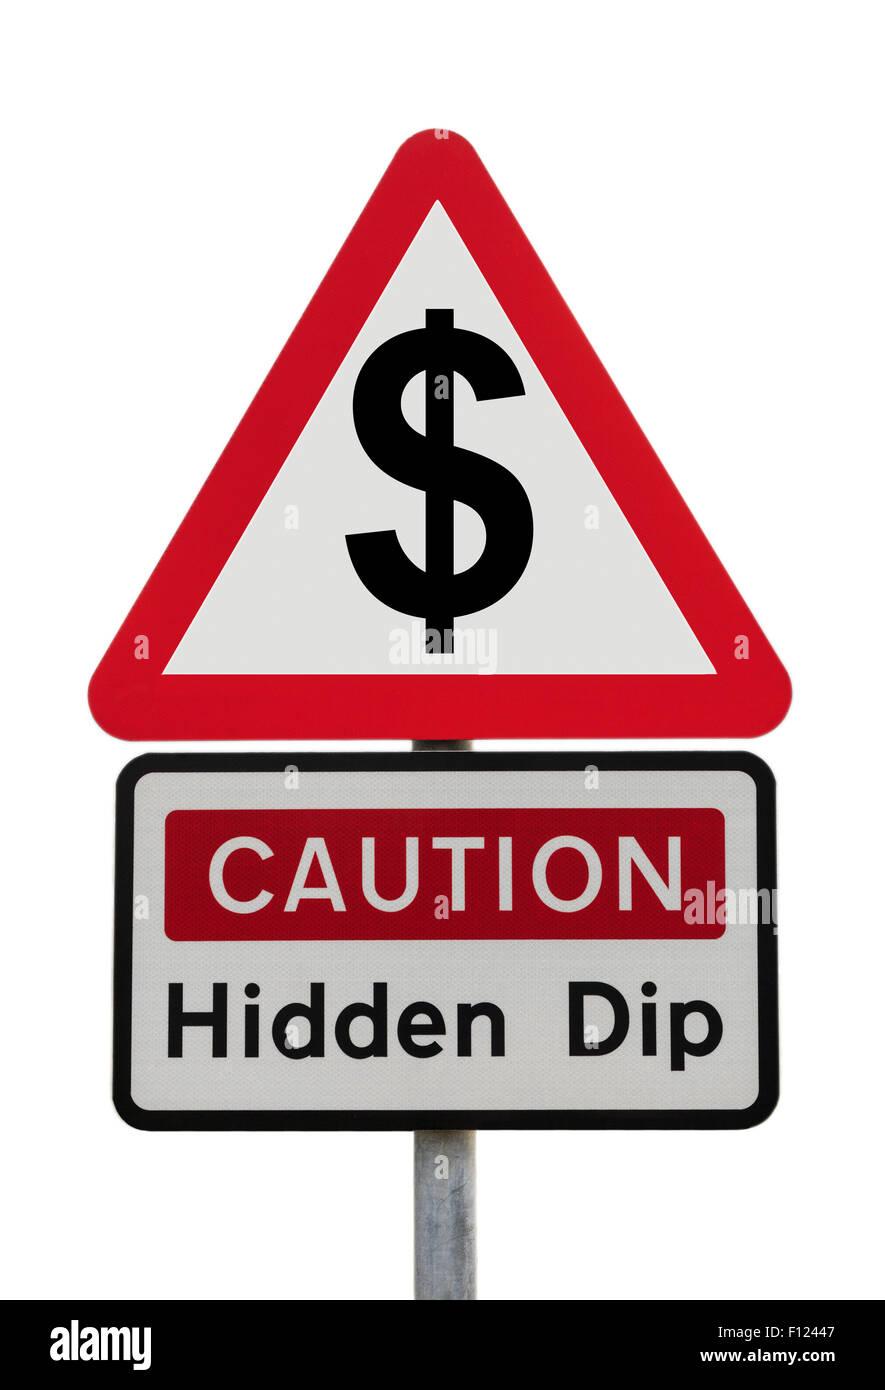 Signe de danger Avertissement Attention Triangle Dip cachés avec $ dollar pour illustrer l'avenir financier Photo Stock